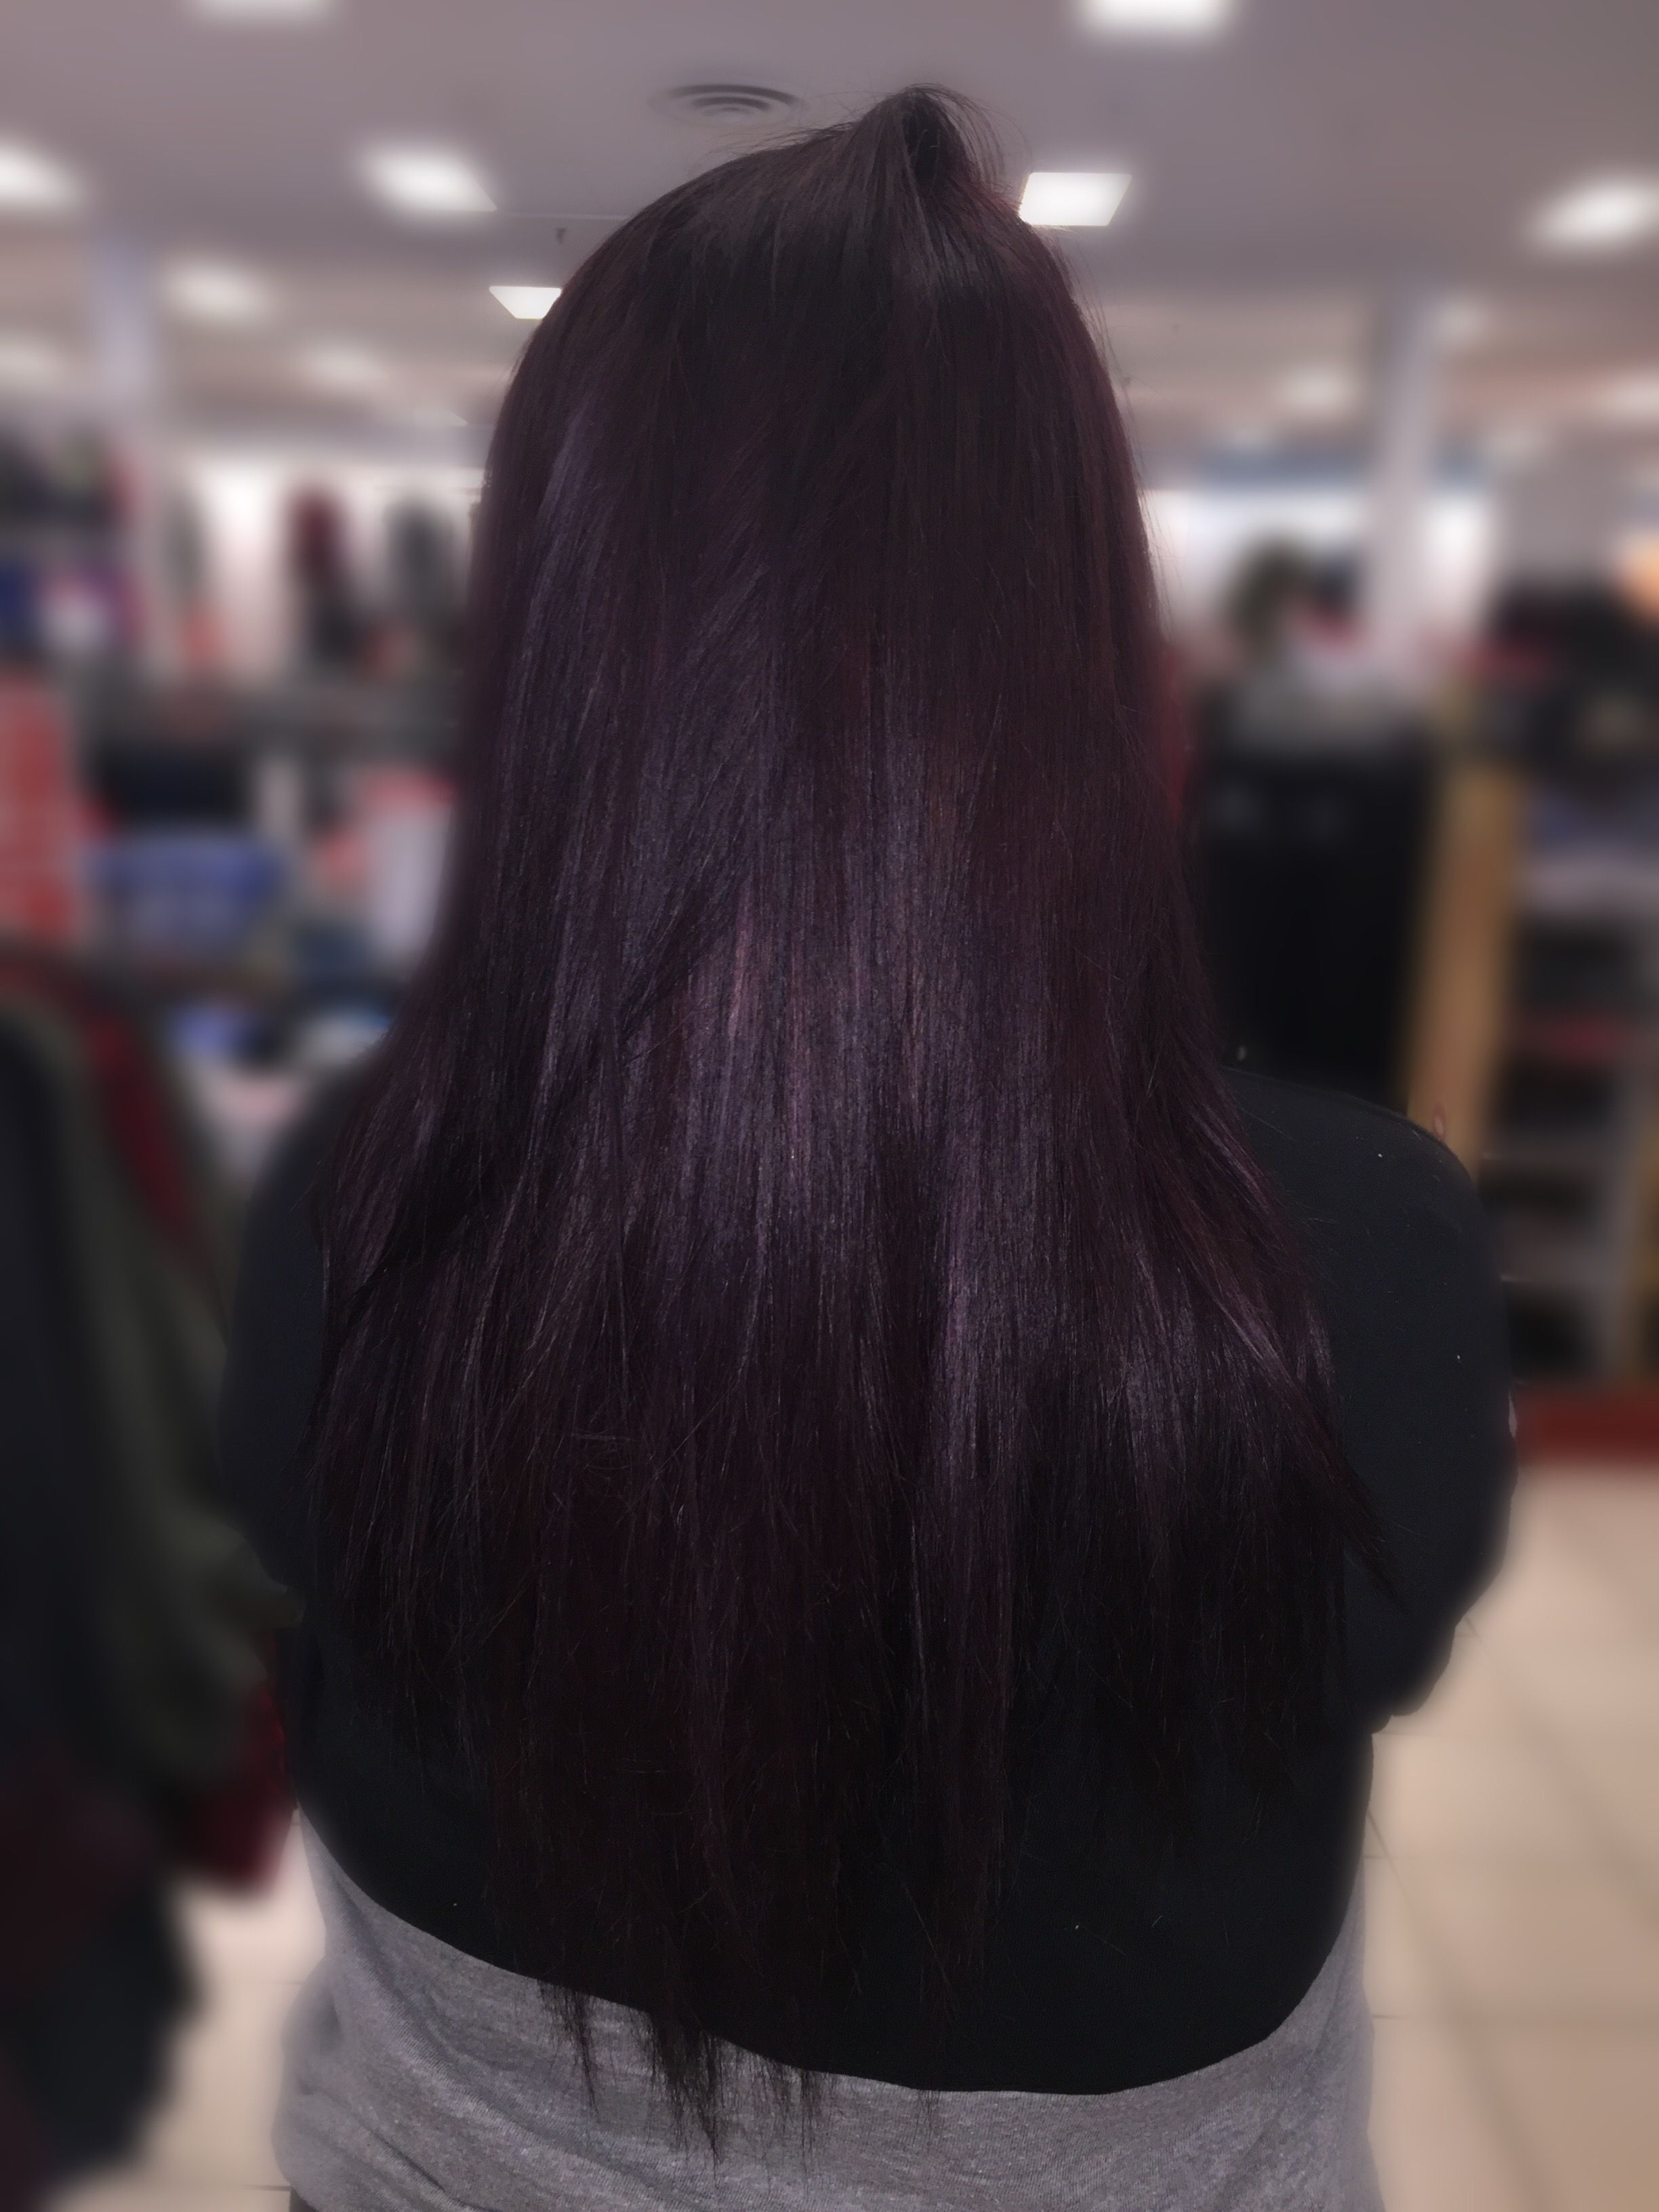 Plum Brown Hair H A I R In 2019 Hair Brunette Hair